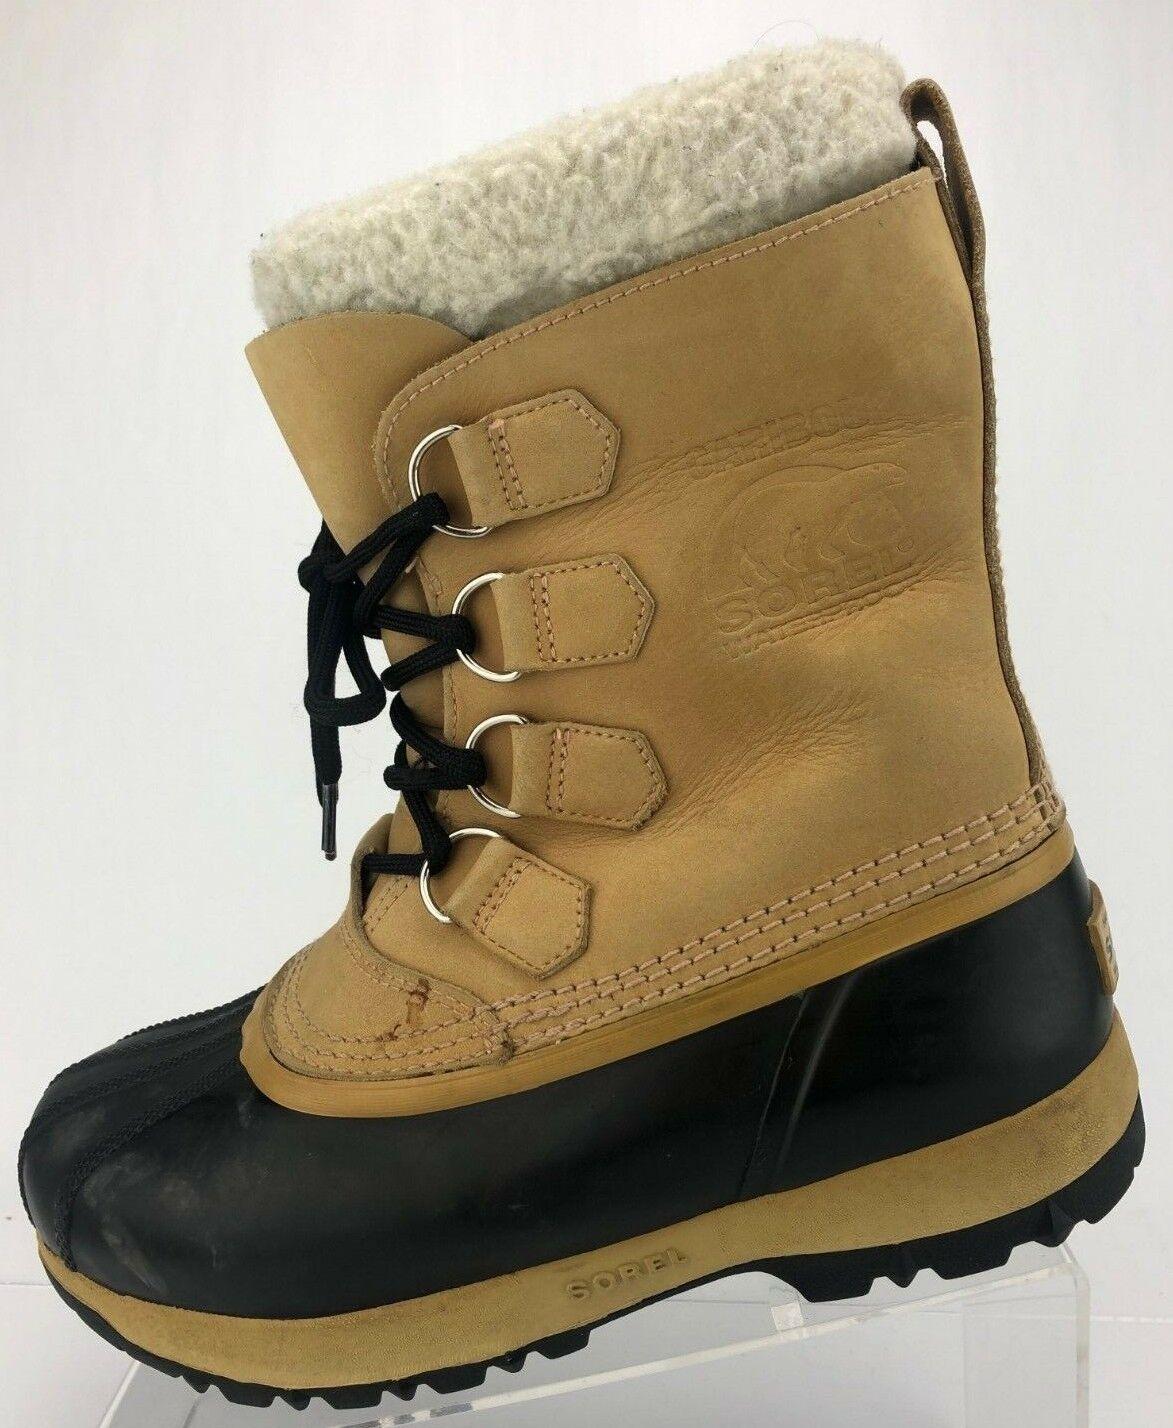 servizio di prima classe Sorel Caribou II II II Winter stivali Marrone nero Insulated Snow WaterProof donna 8  ti renderà soddisfatto